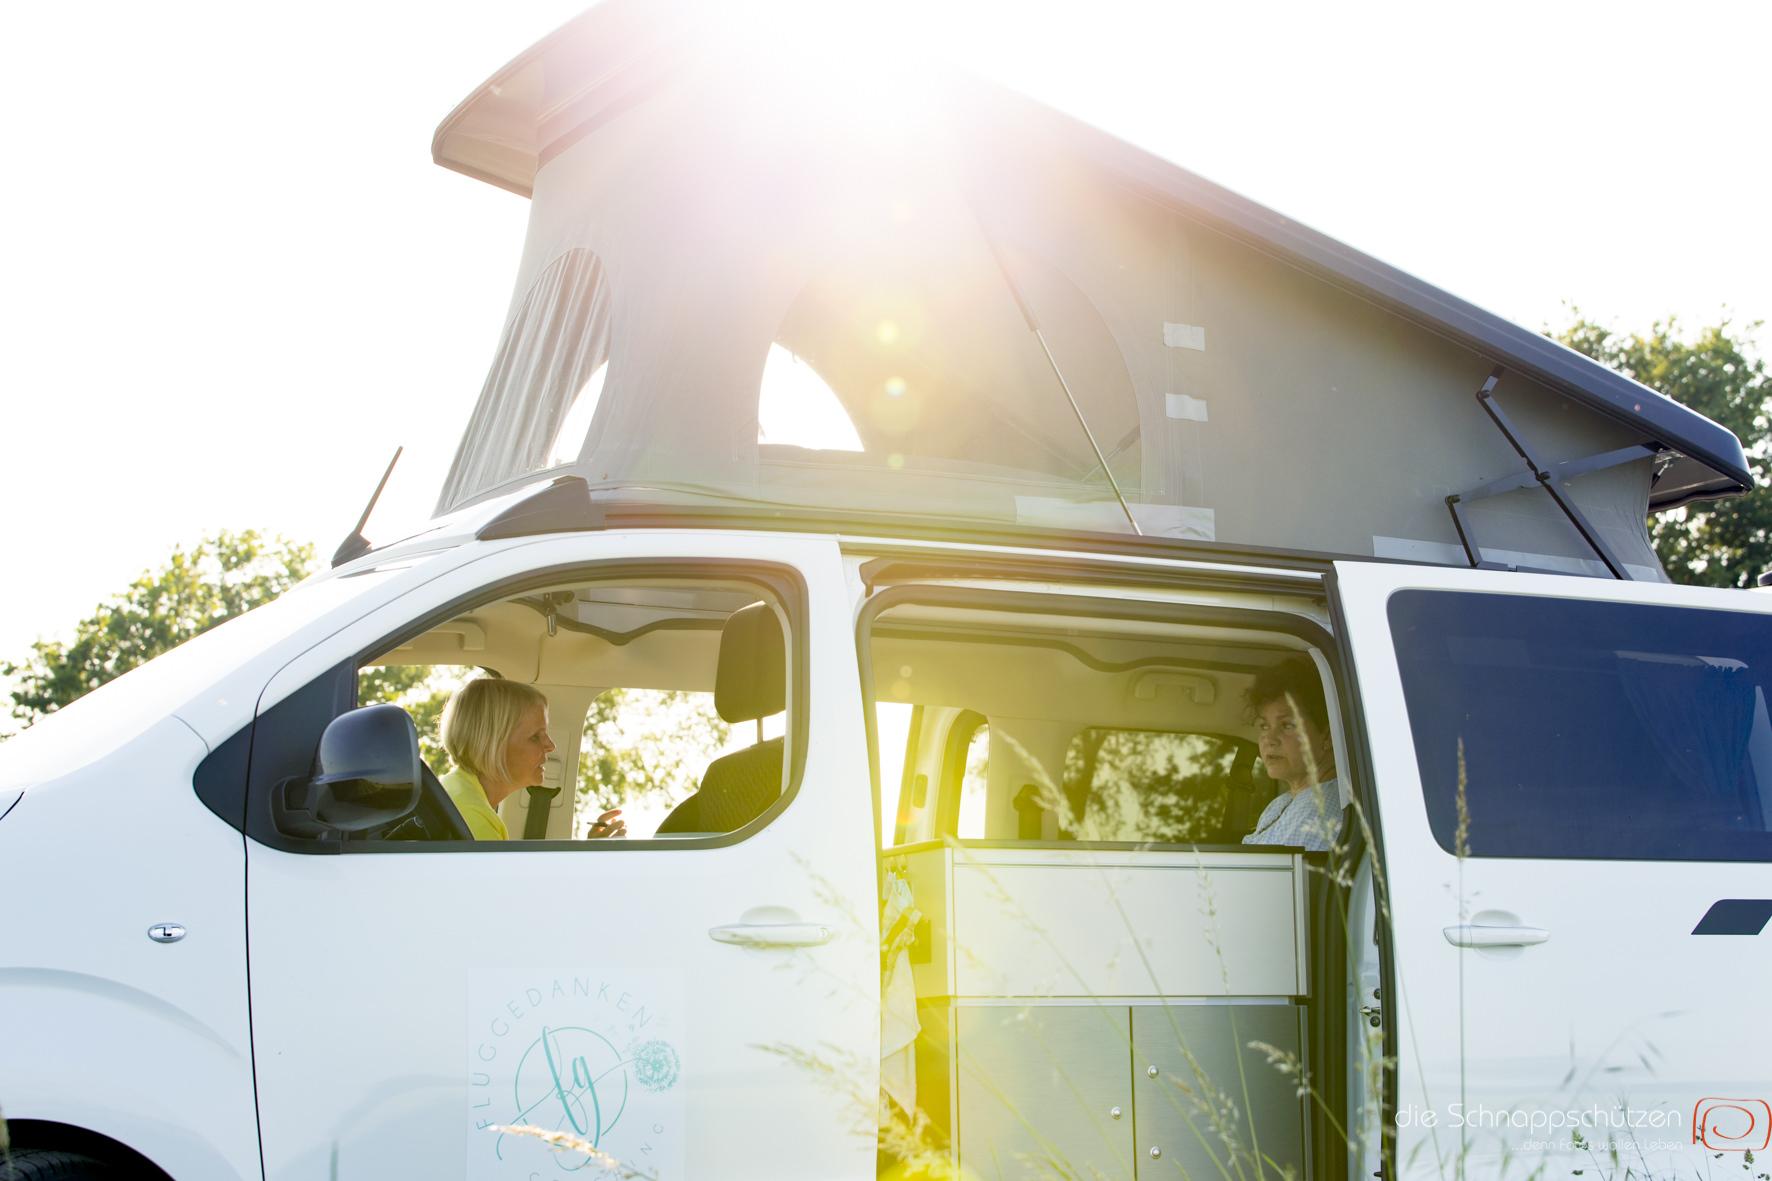 Der Coaching-Van